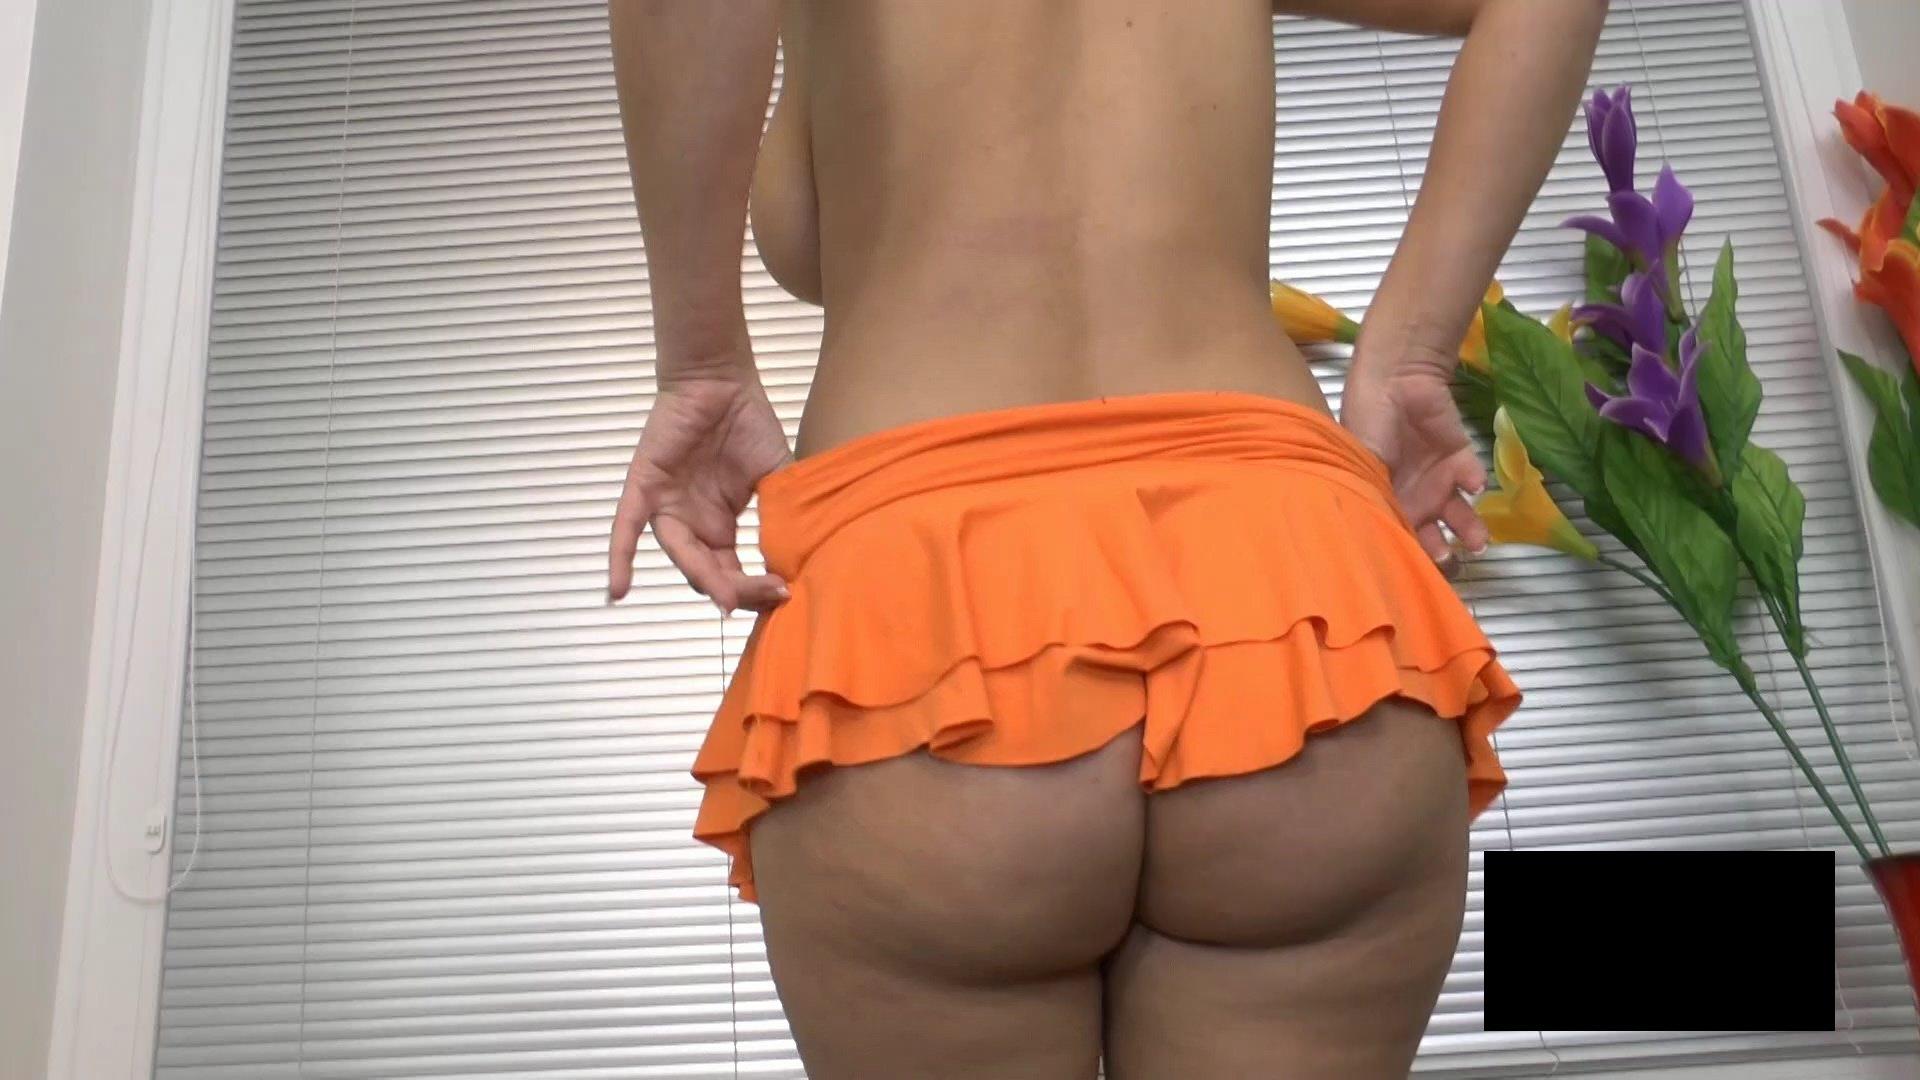 脂肪たっぷりの東欧熟女の脱衣ヌード画像貼ってくwwwwwwwww 3bJhz0b